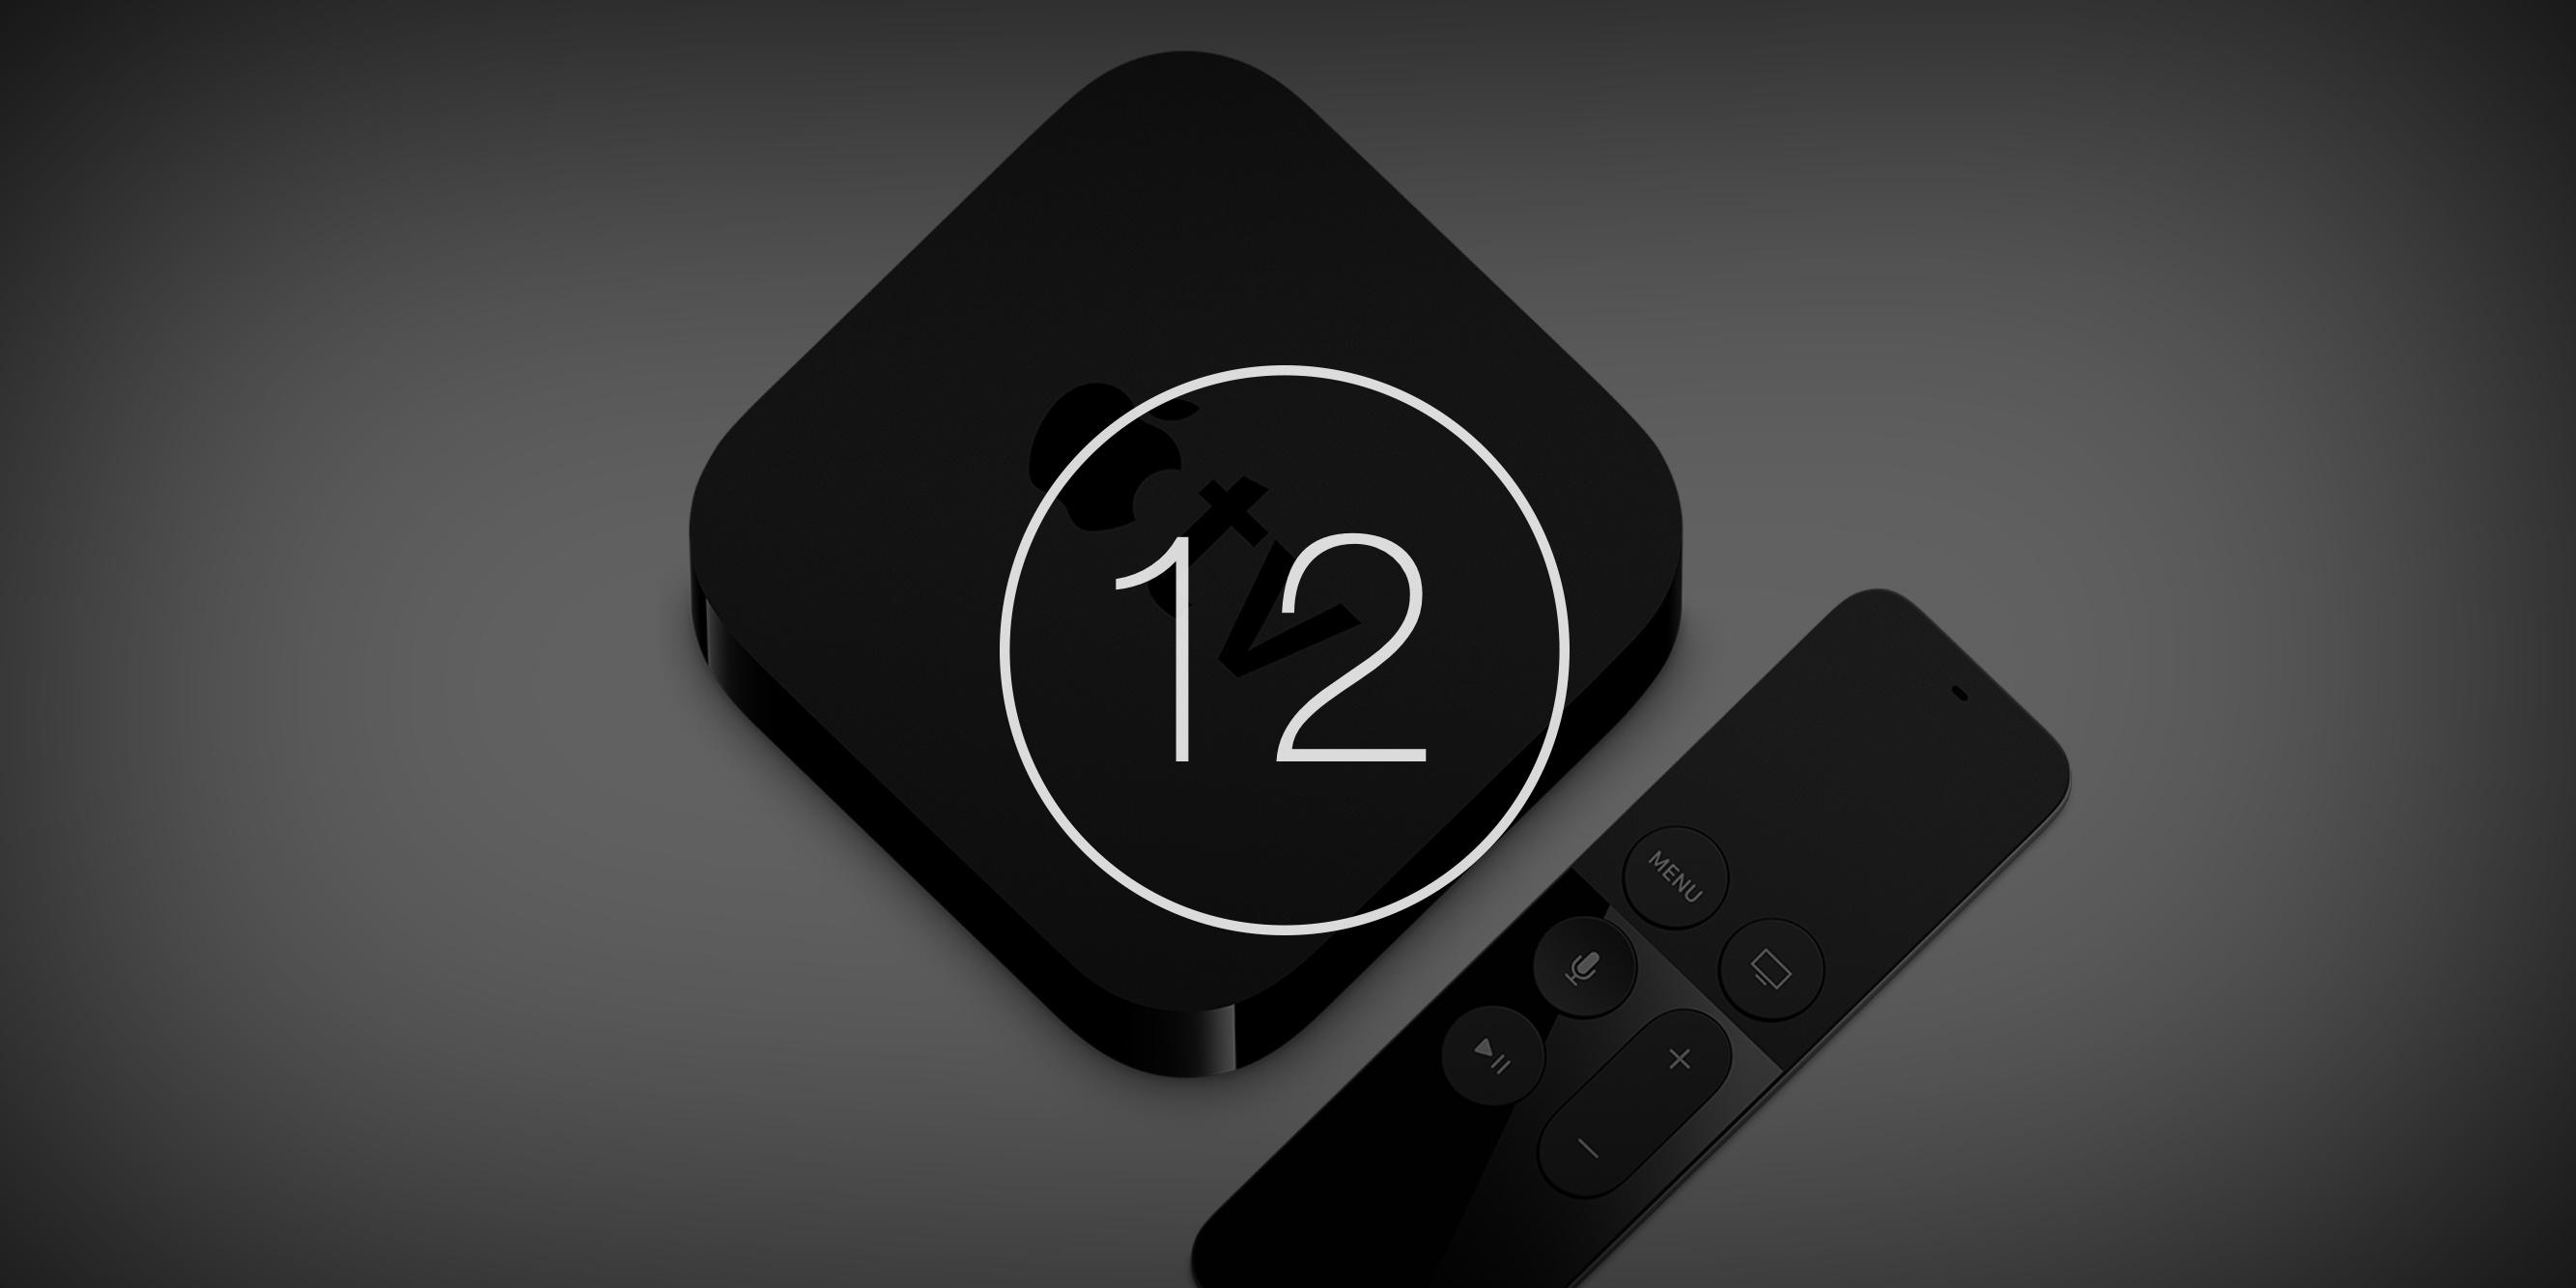 12 лучших аксессуаров для Apple TV 4: геймпады, подставки, ремешки для пульта и многое другое